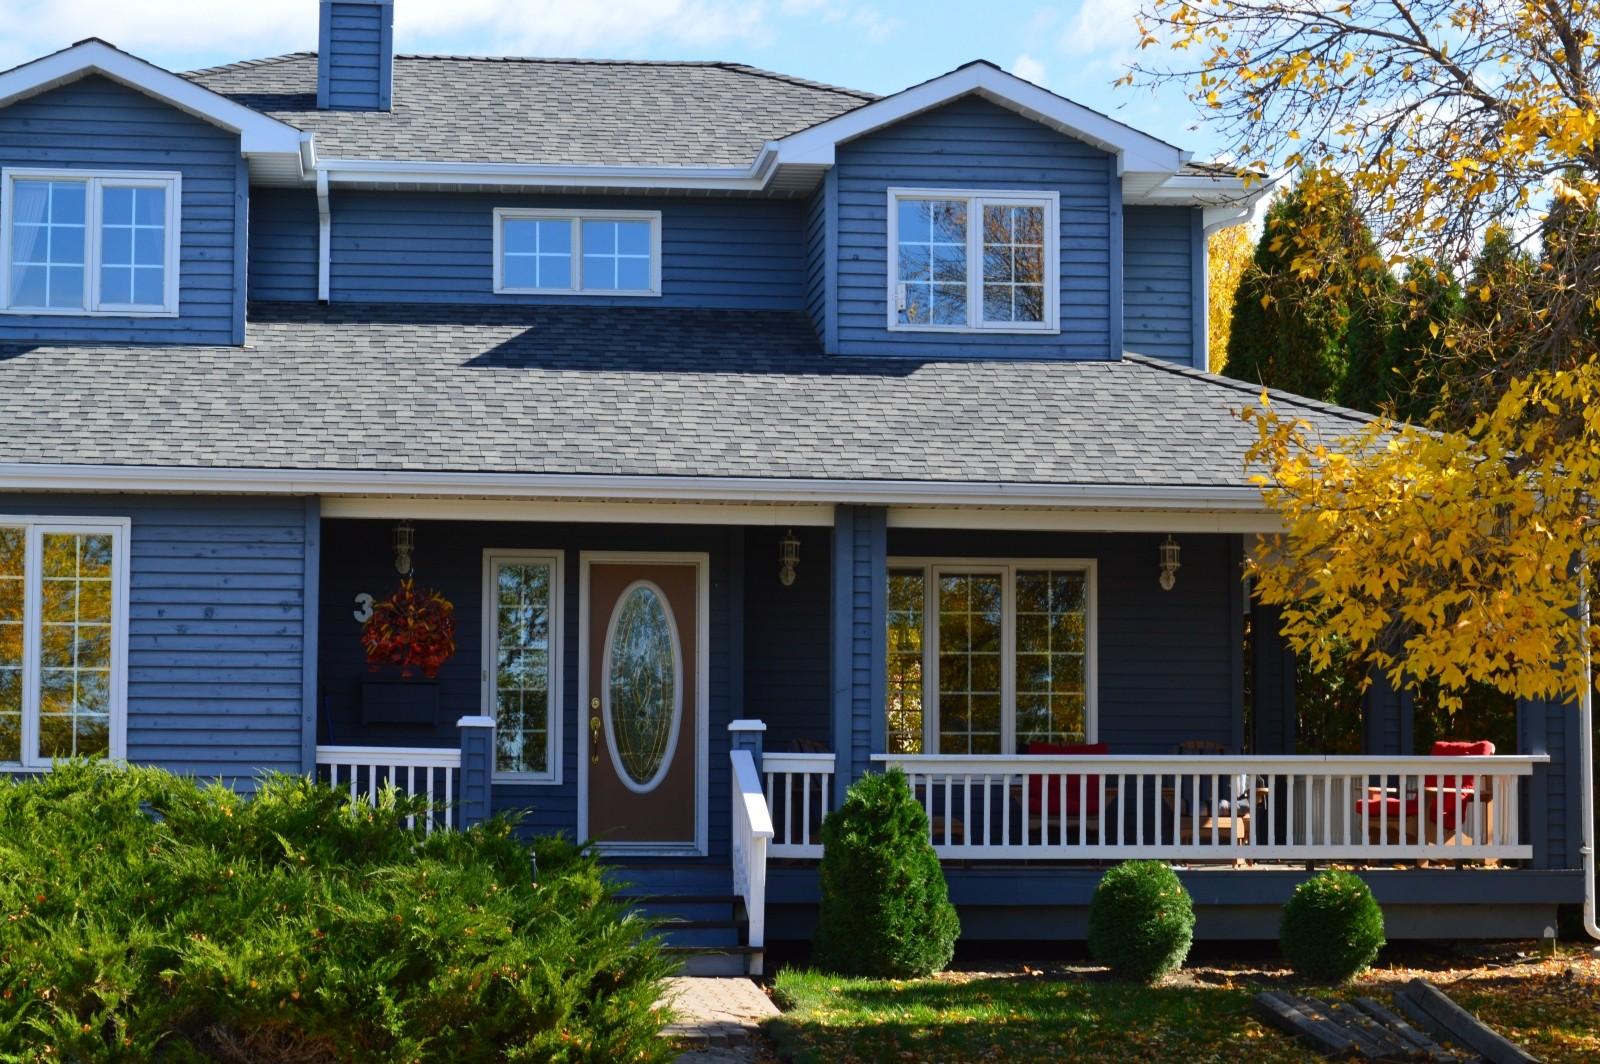 Belle maison bleue en automne